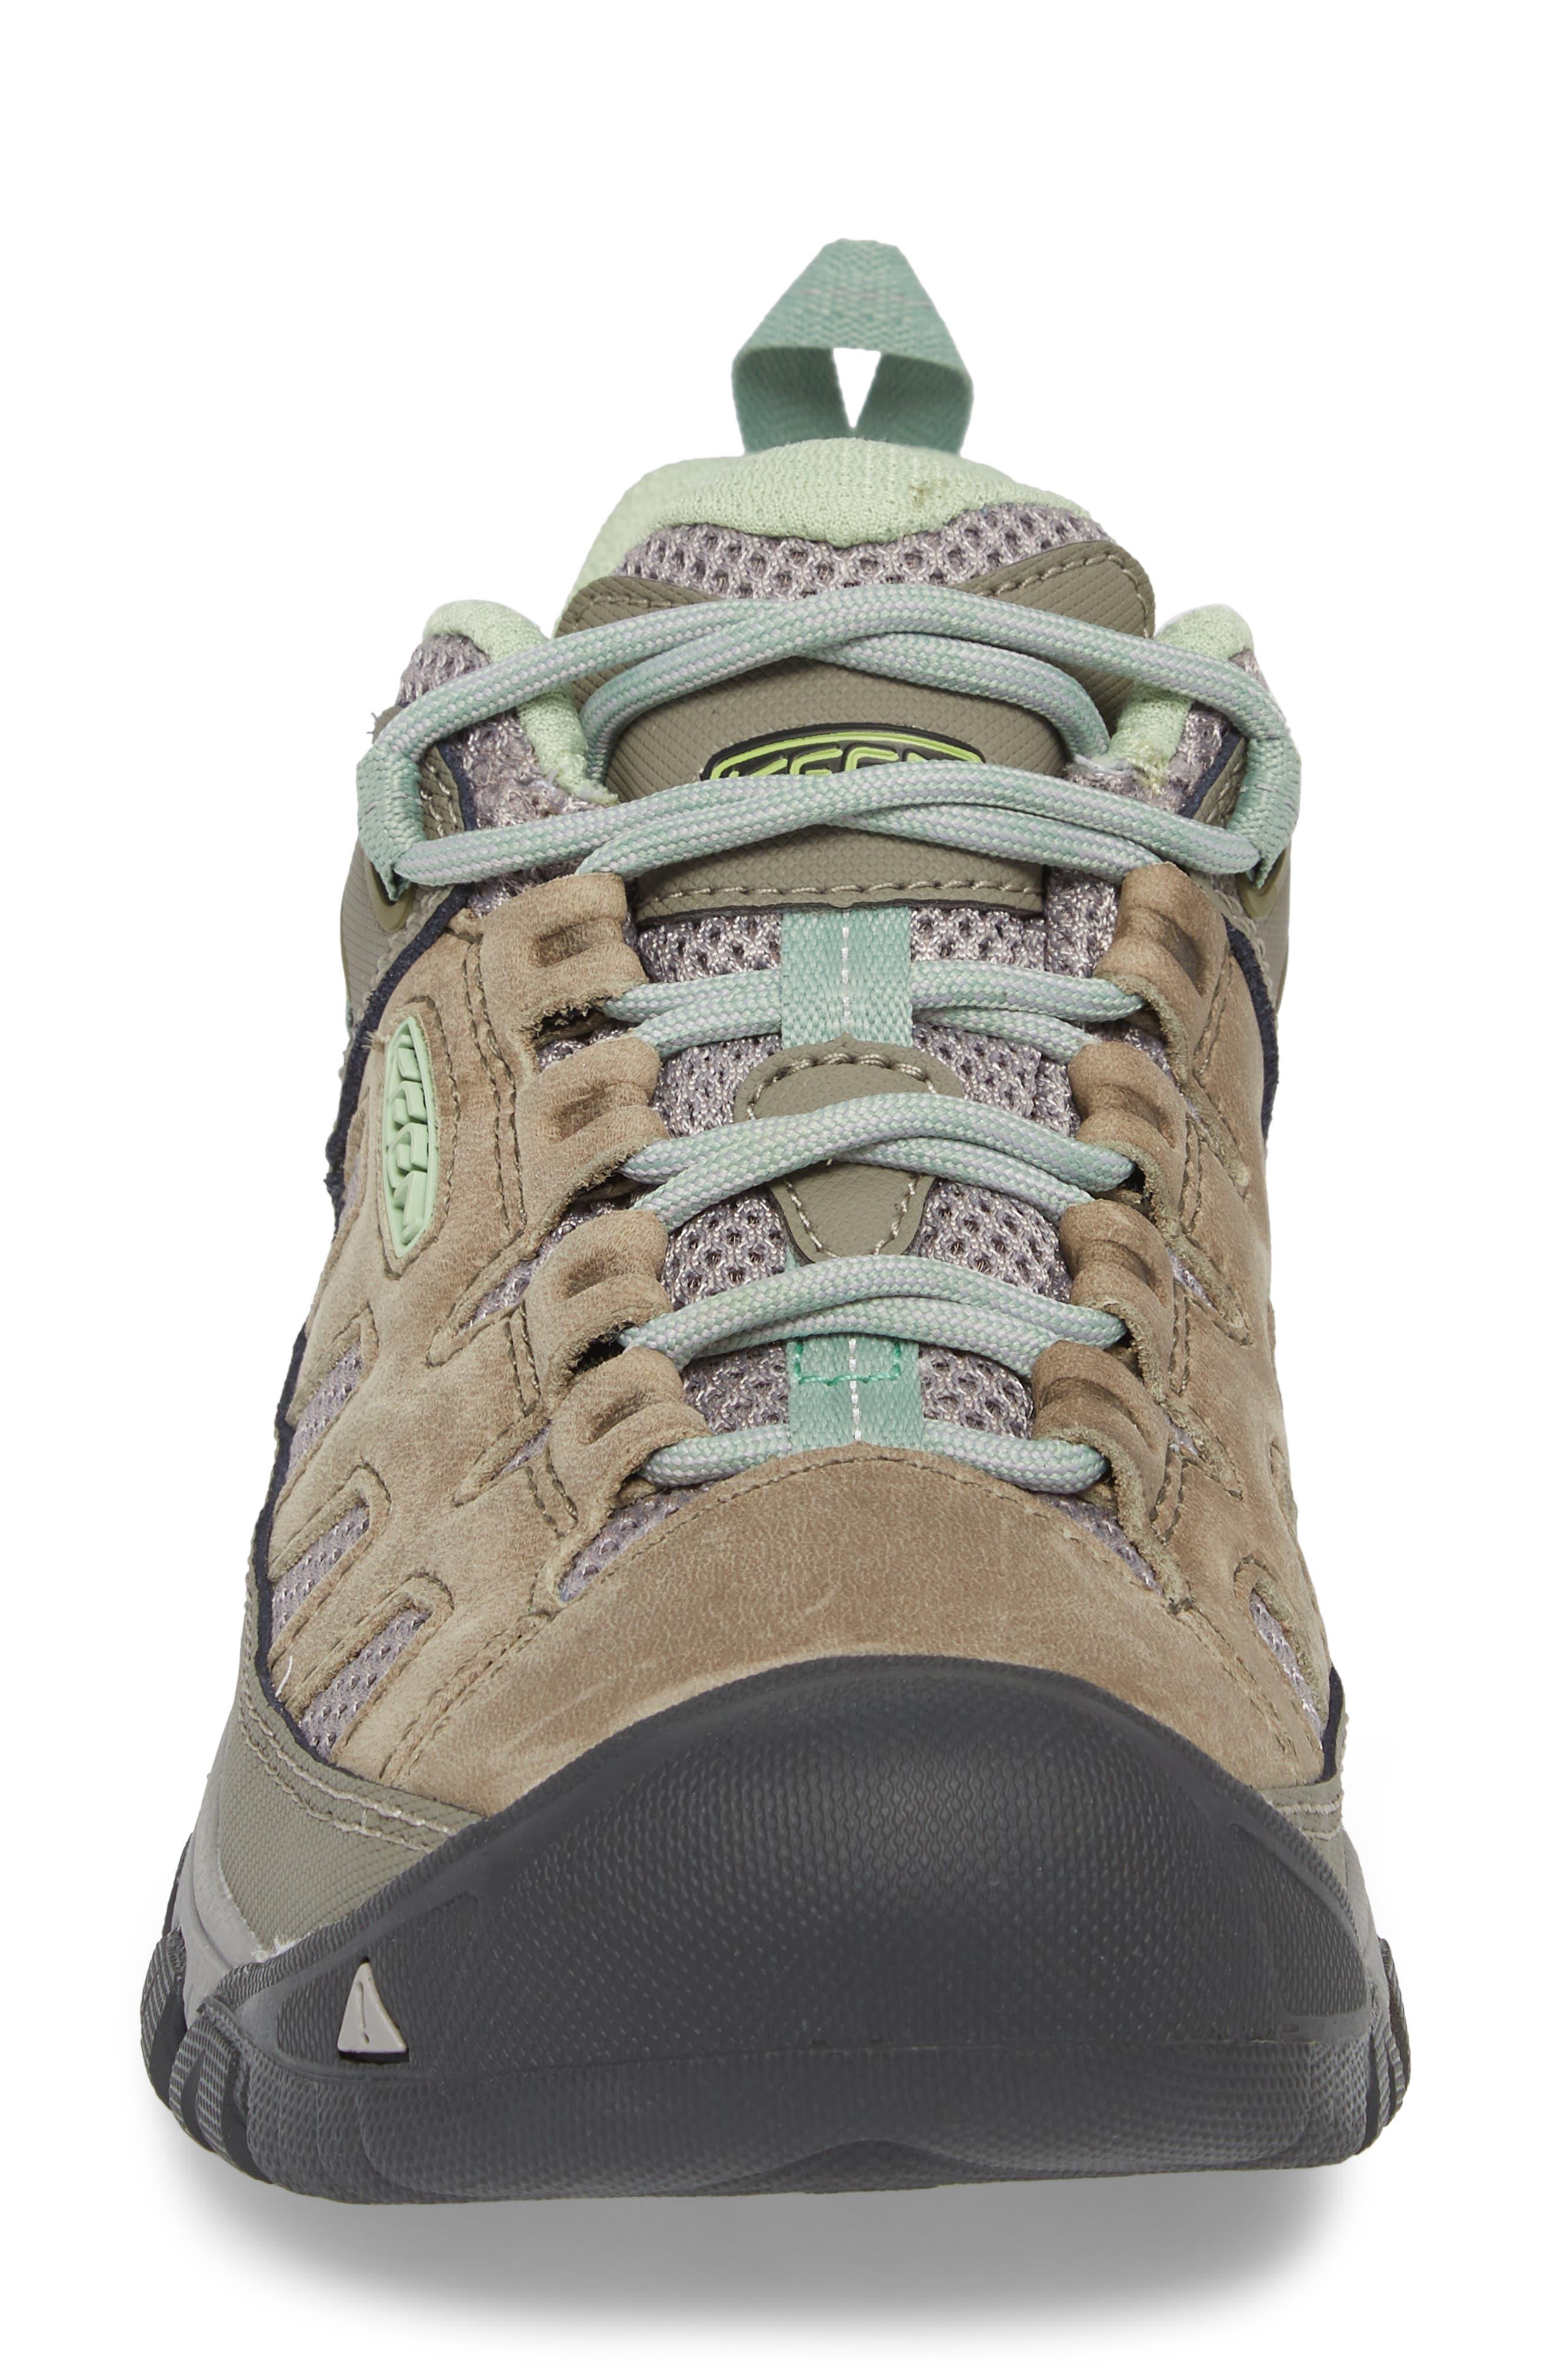 Targhee Vent Hiking Shoe,                             Alternate thumbnail 4, color,                             200